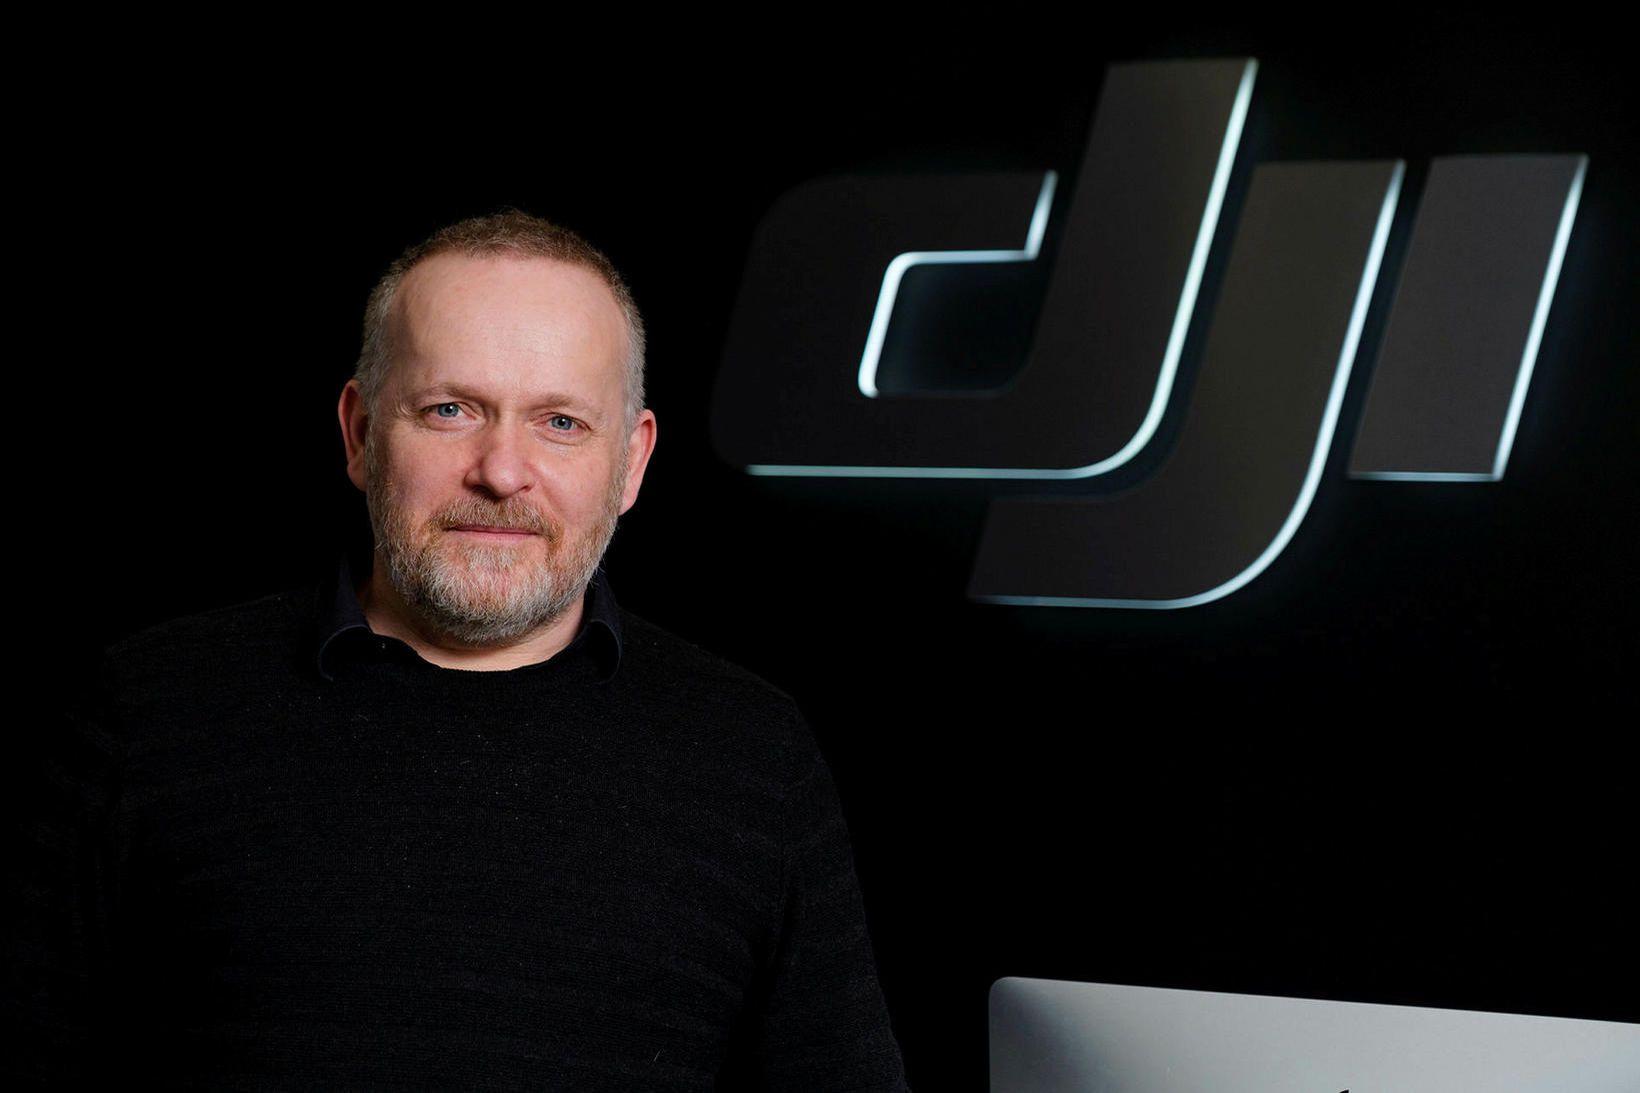 Sigurður Þór Helgason opnaði verslun DJI á Íslandi árið 2017.